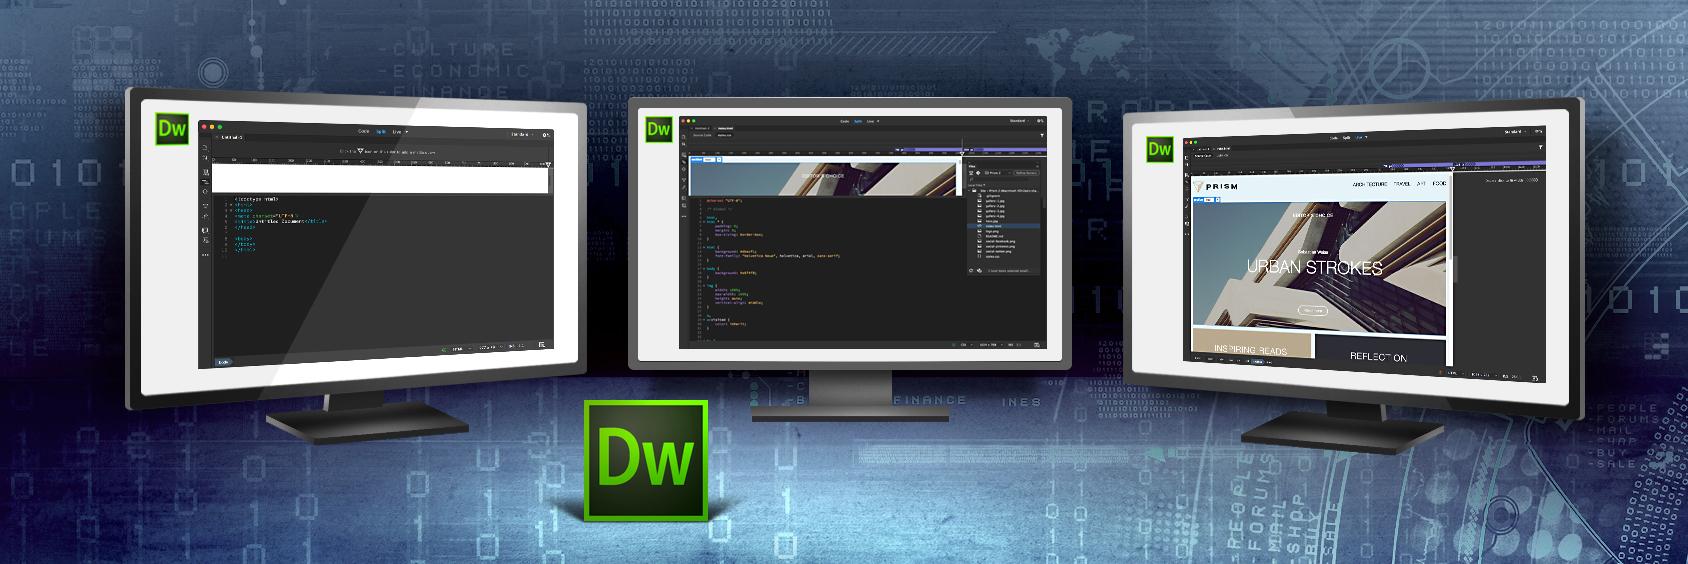 Dreamweaver 中的多部螢幕支援功能